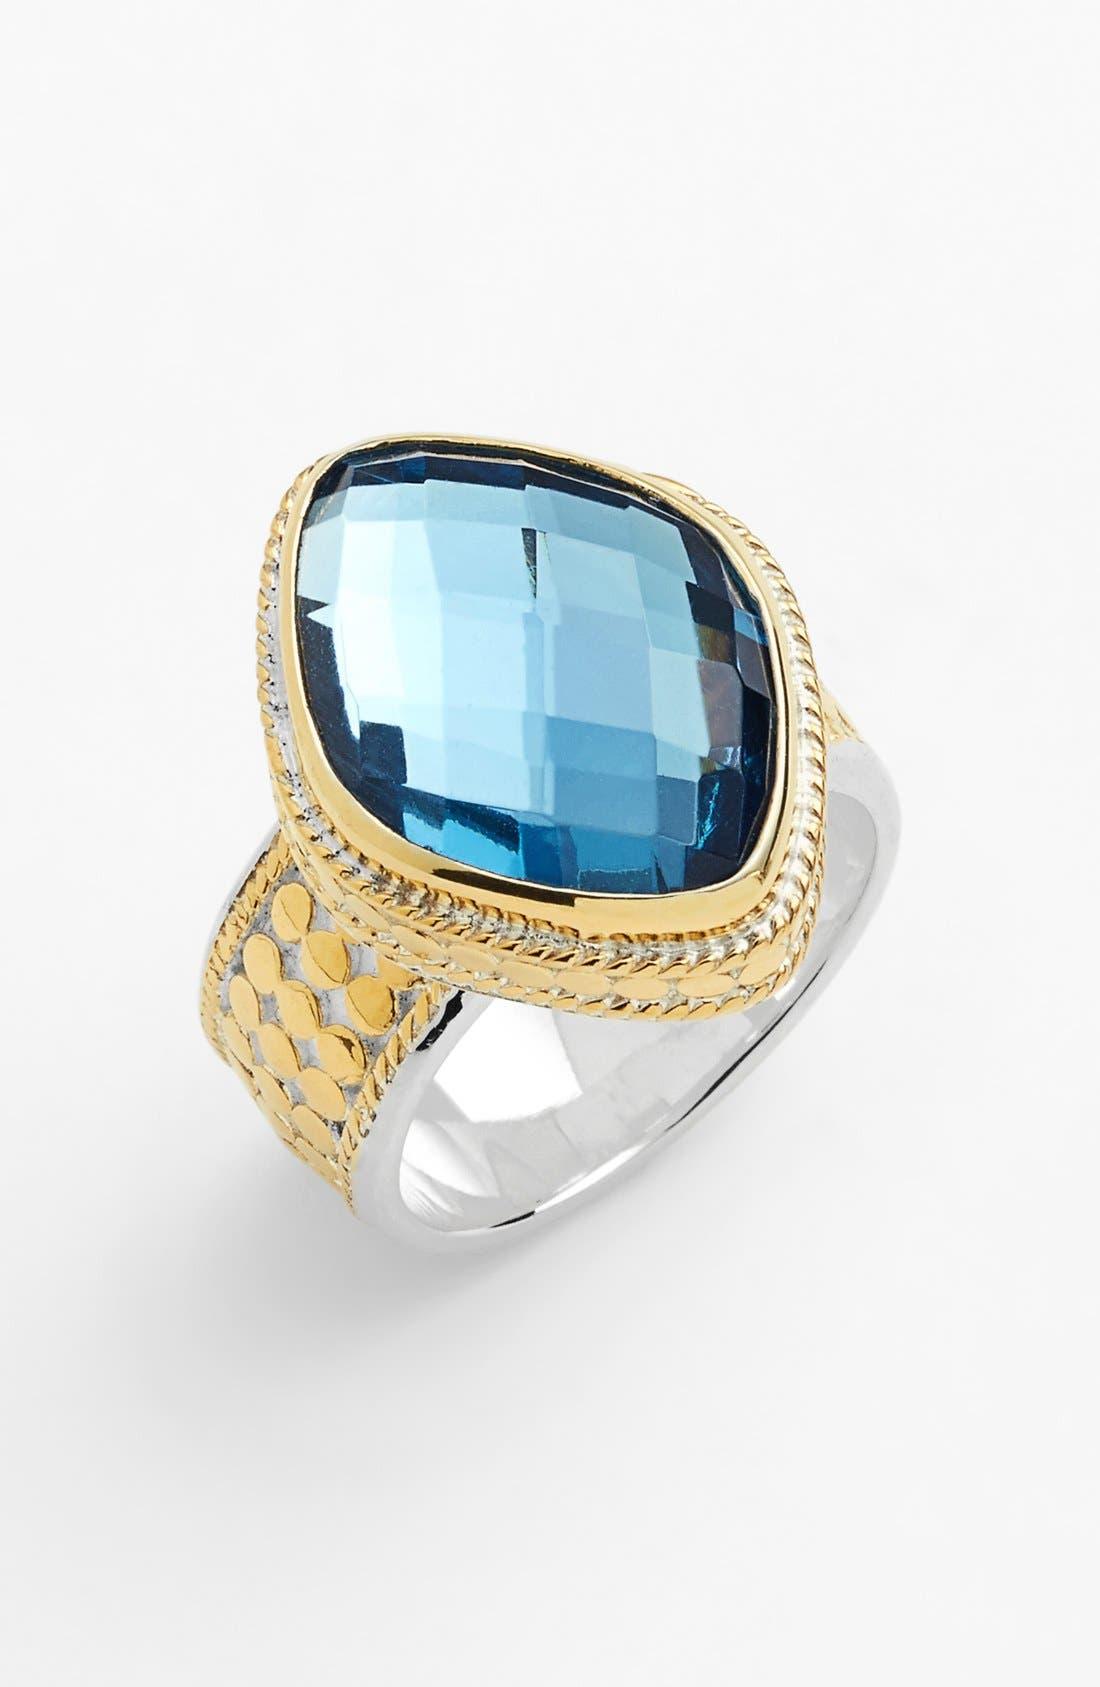 Main Image - Anna Beck 'Gili' Stone Ring